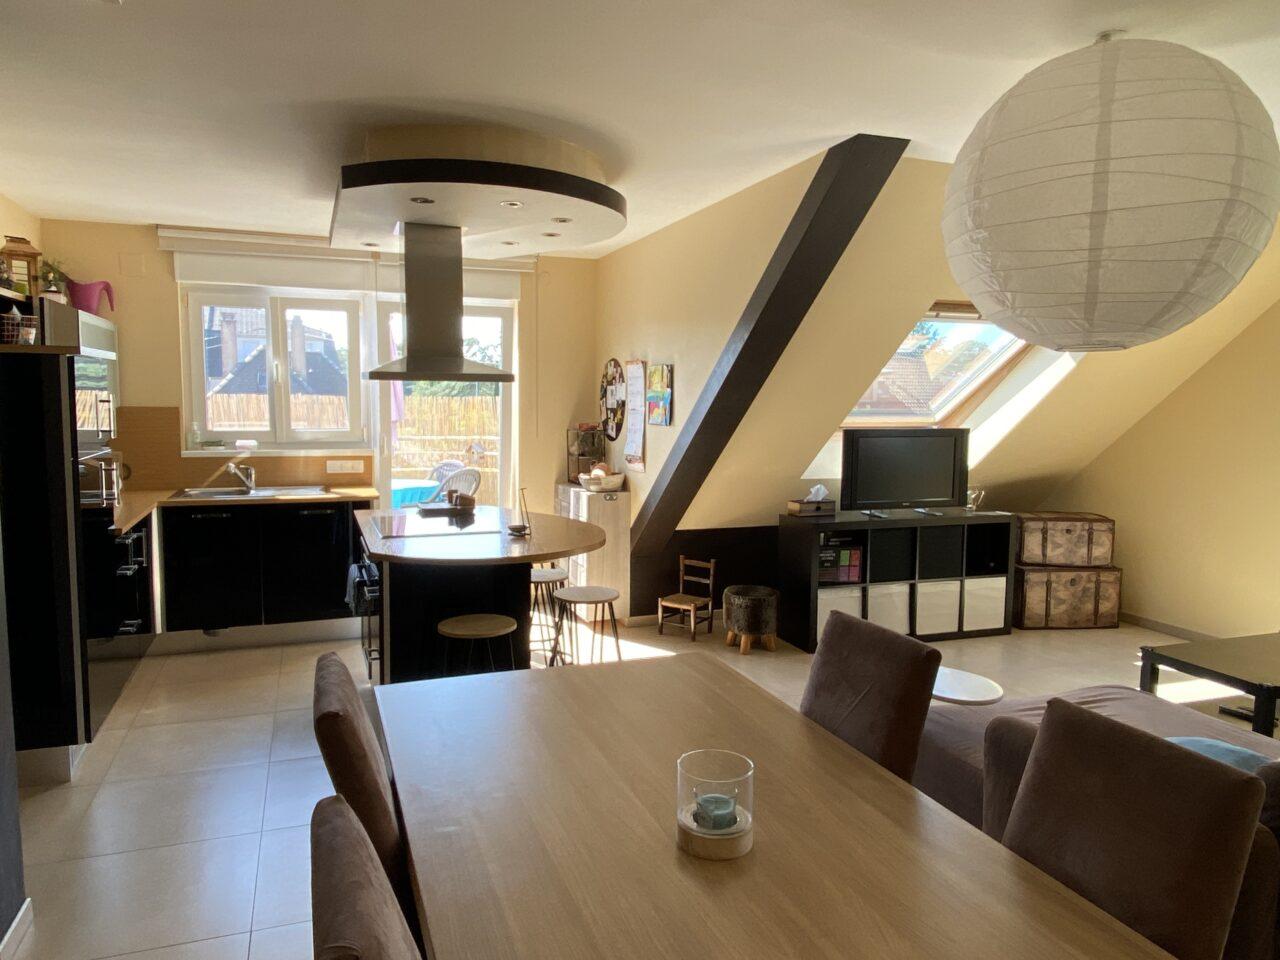 Haguenau, très bel appartement, 5 pièces, situé au dernier étage